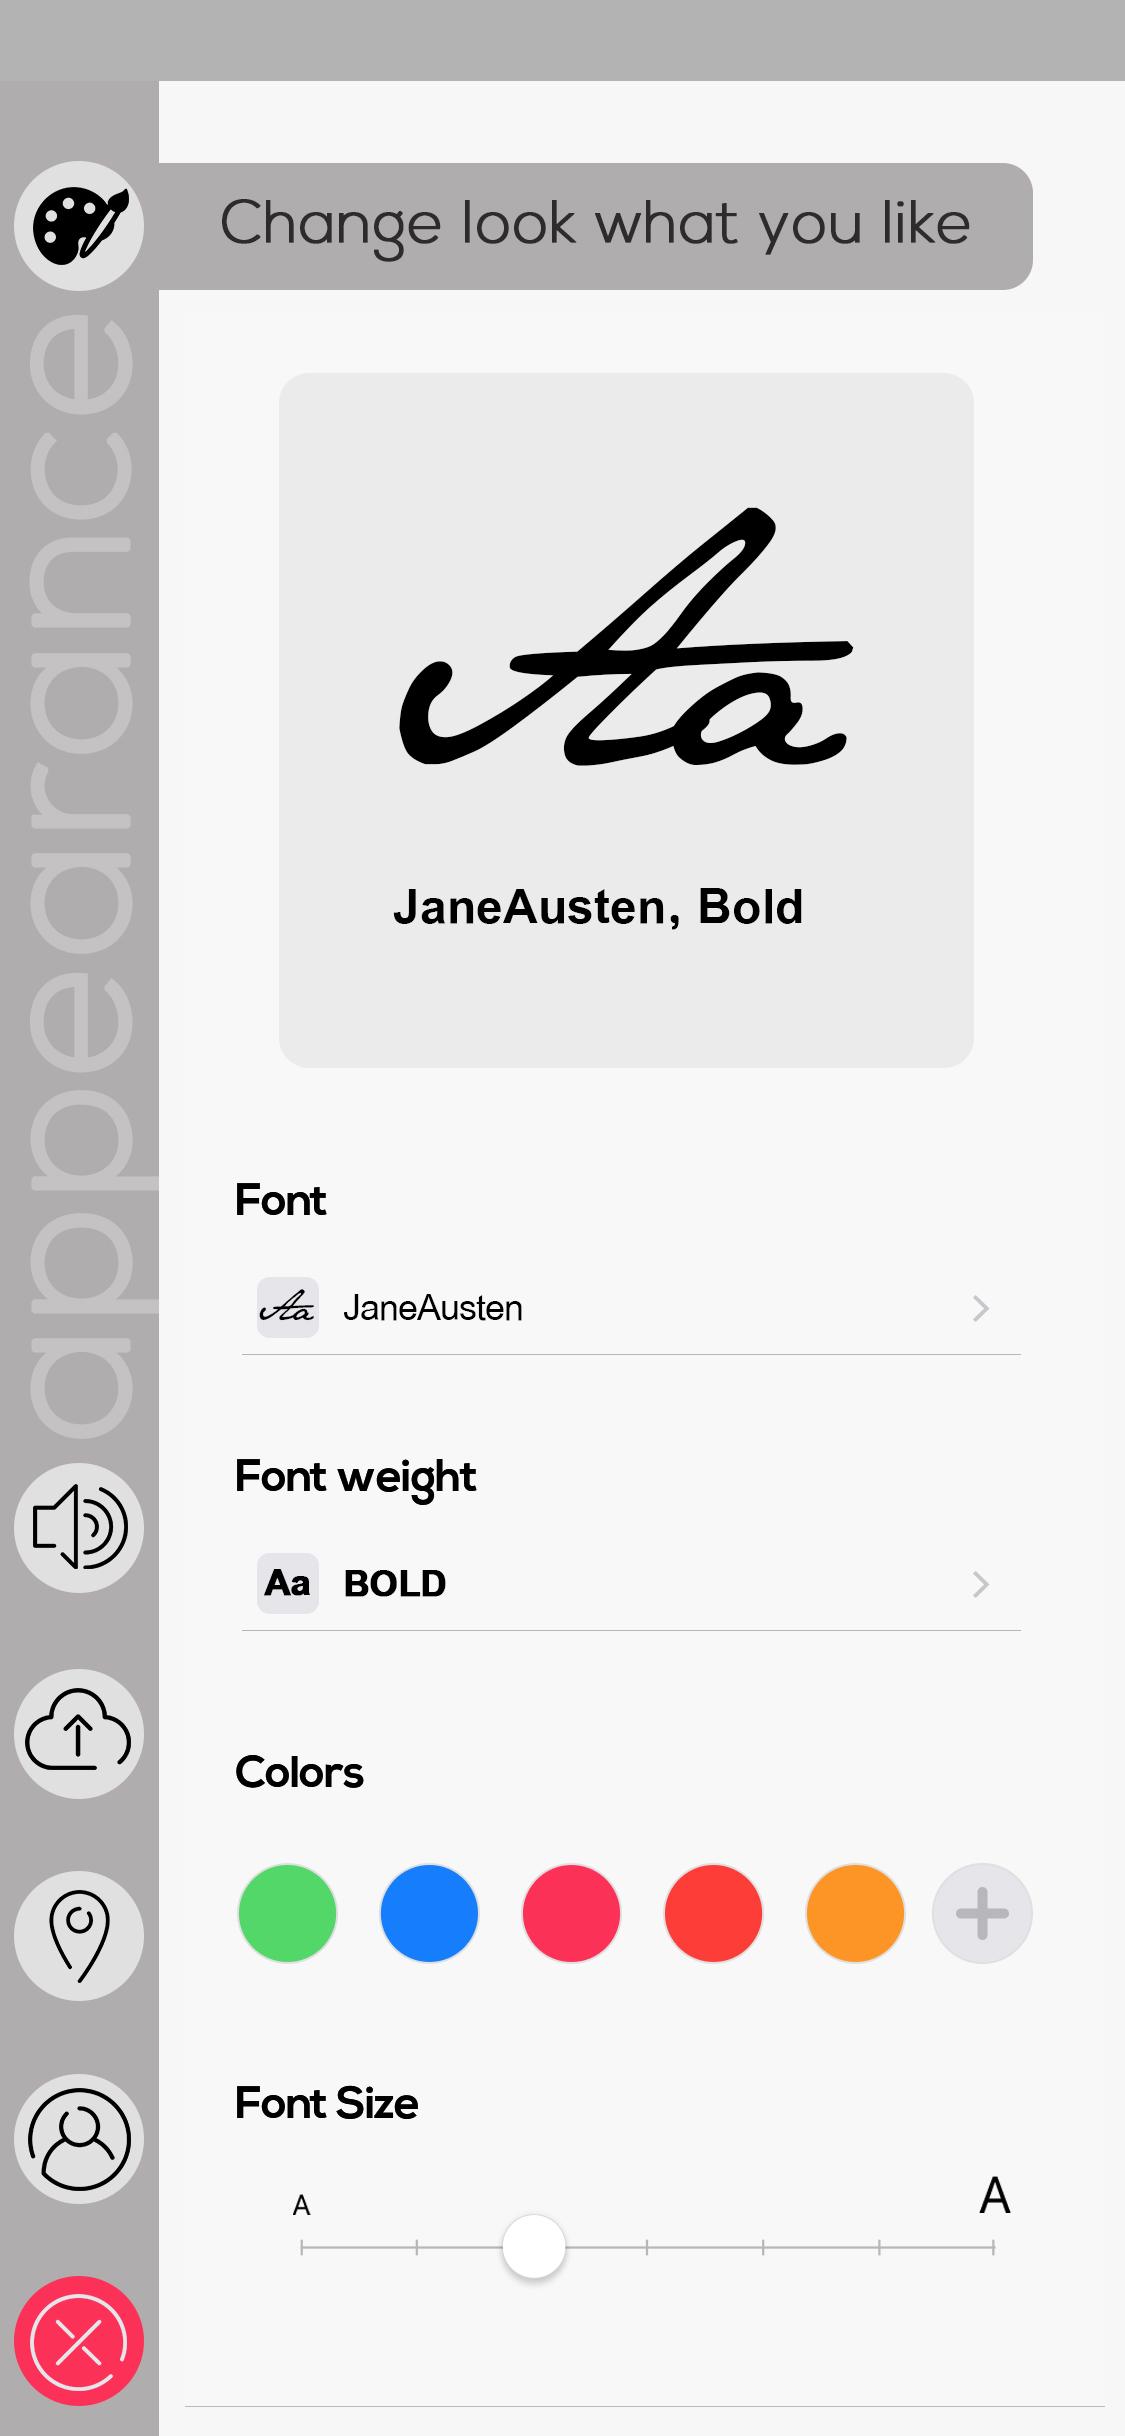 نمونه کار: طراحی رابط کاربری صفحه تنظیمات